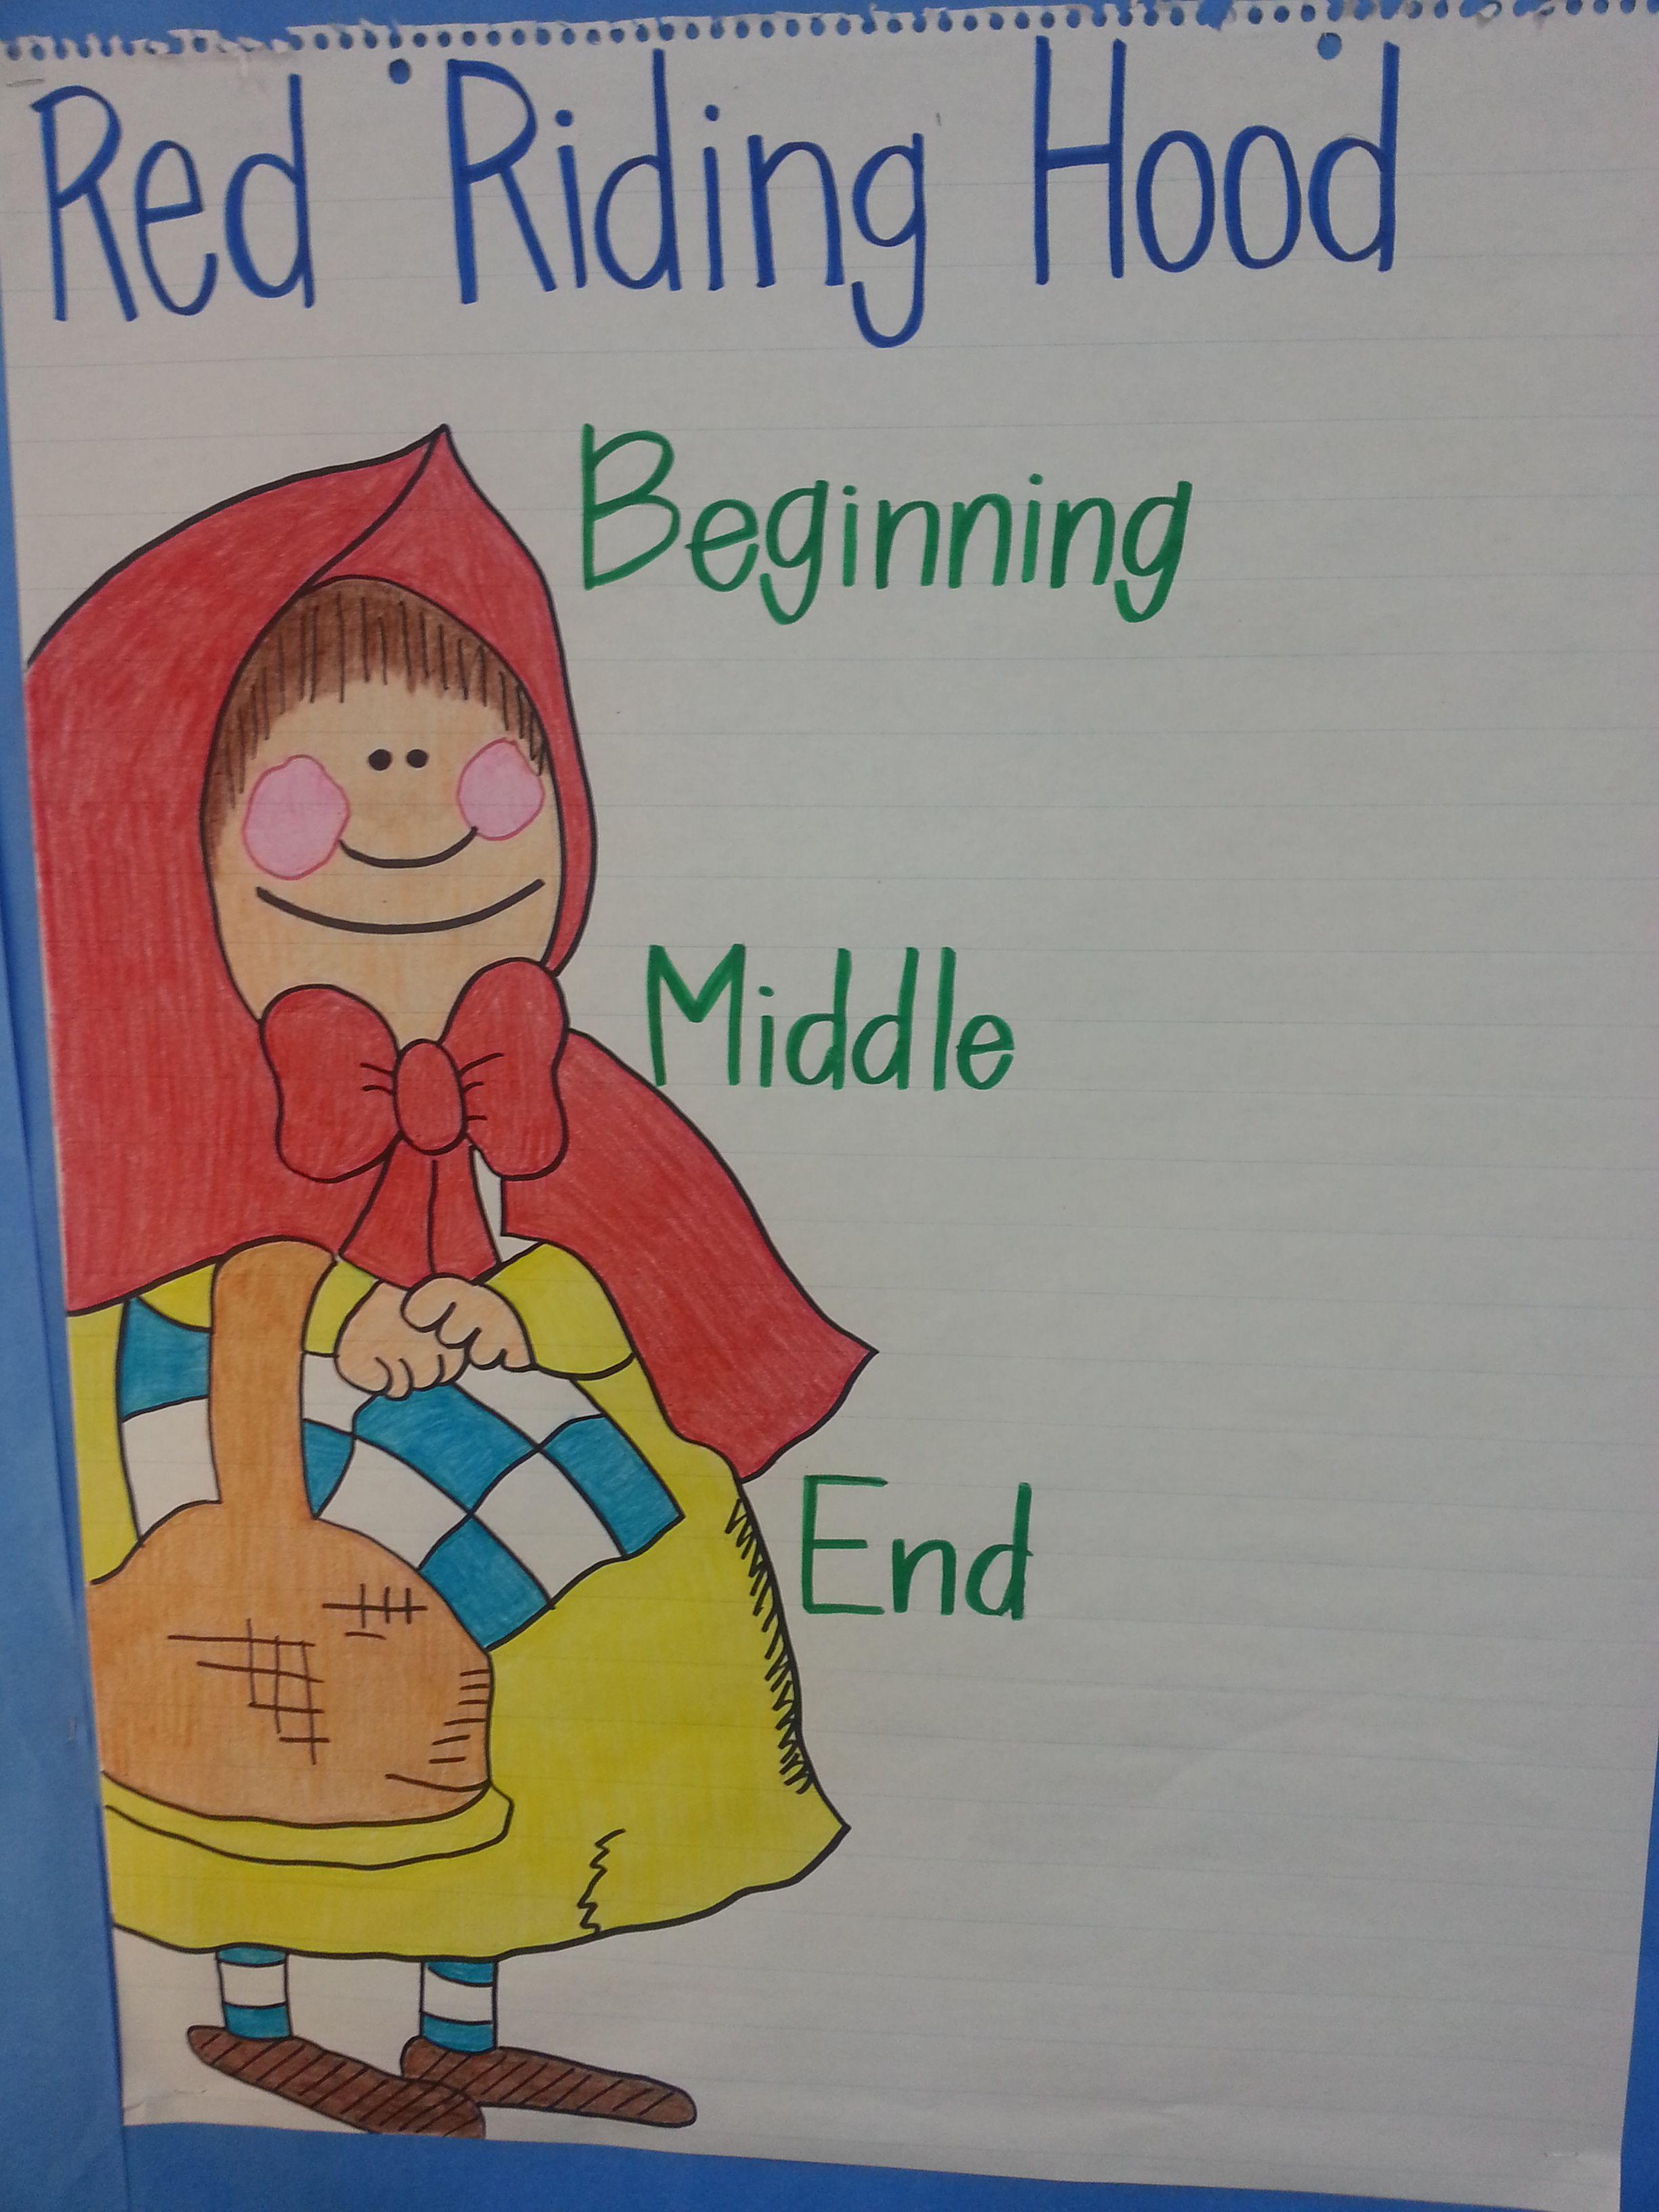 Red Riding Hood Summary